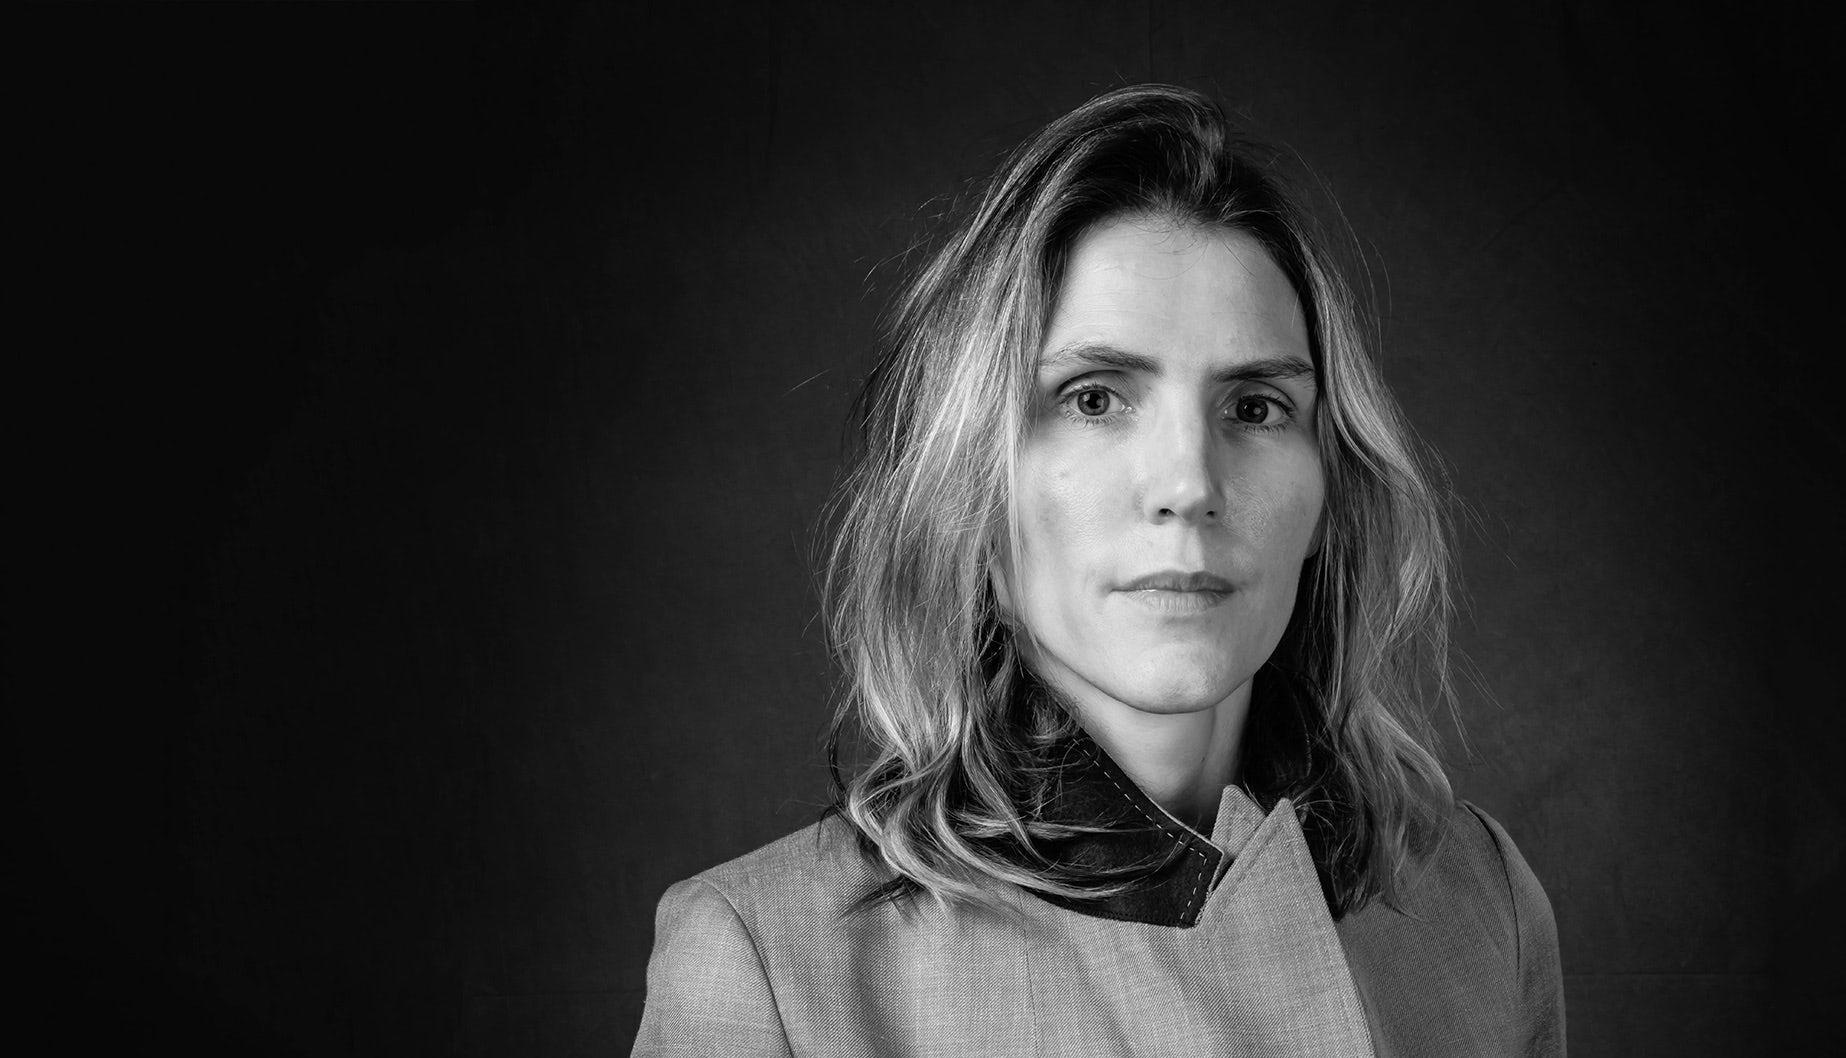 LVMH Takes Minority Stake in Gabriela Hearst